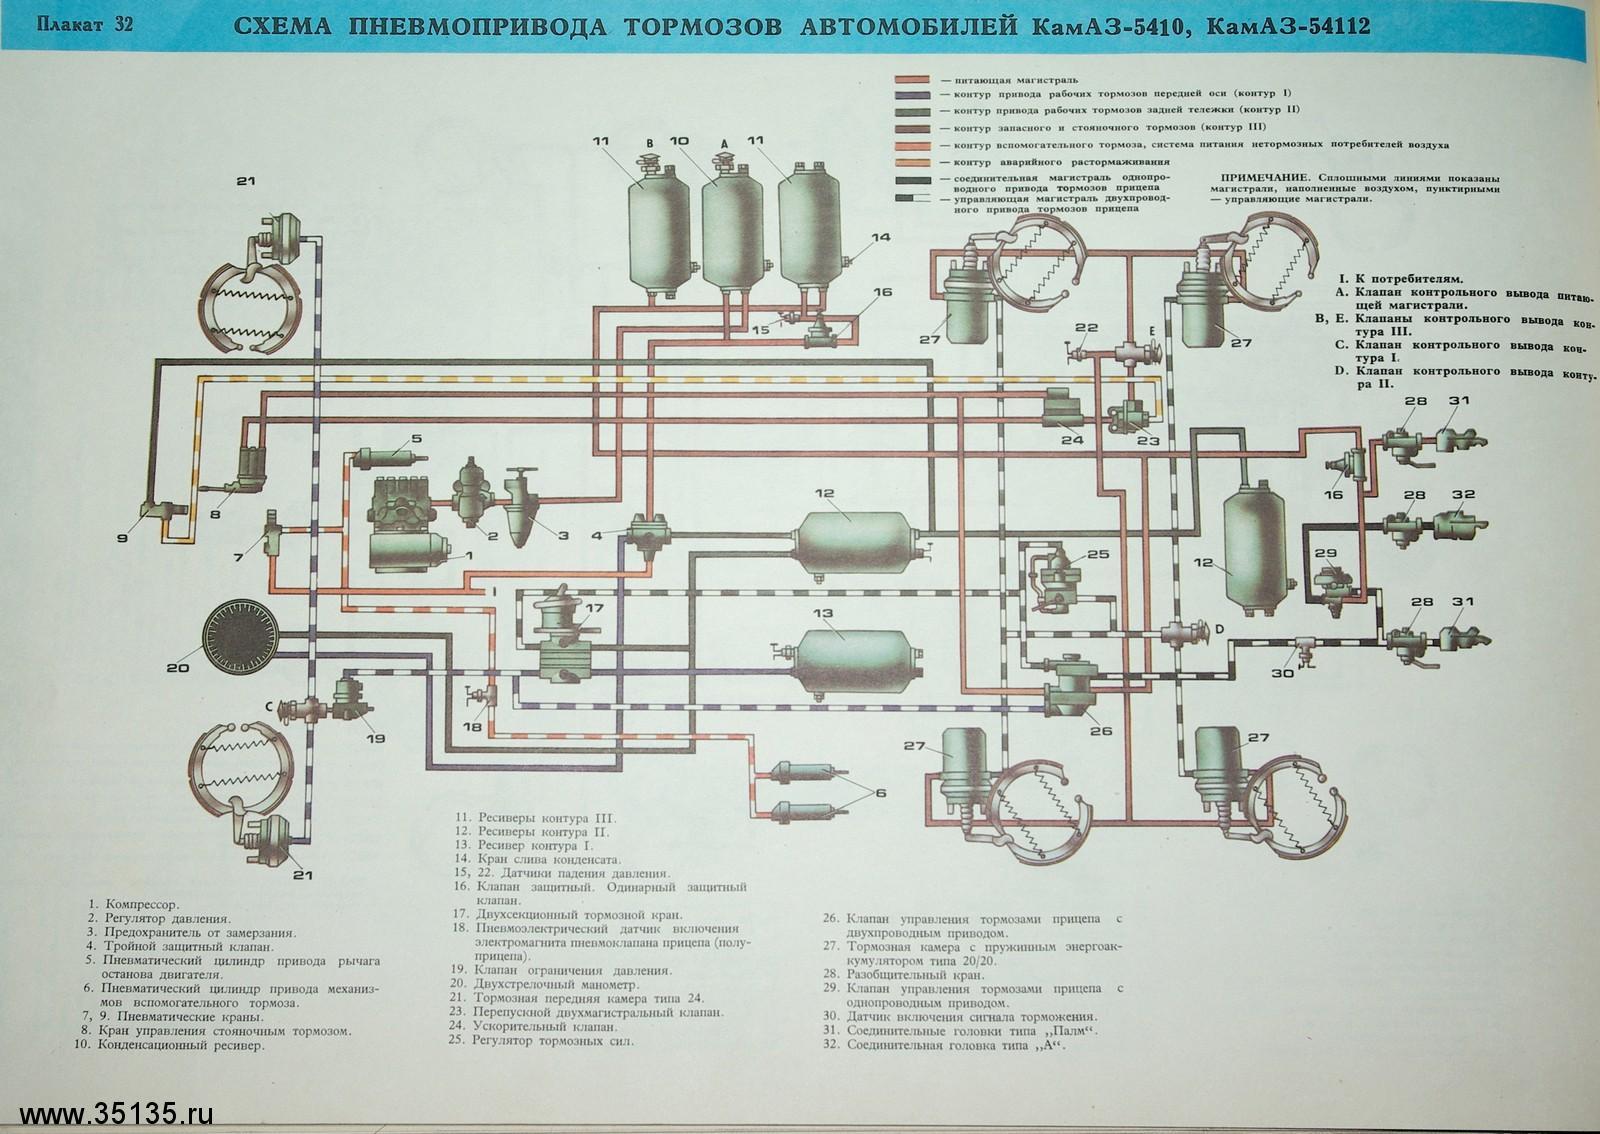 электрическая схема камаз 55111 с описанием